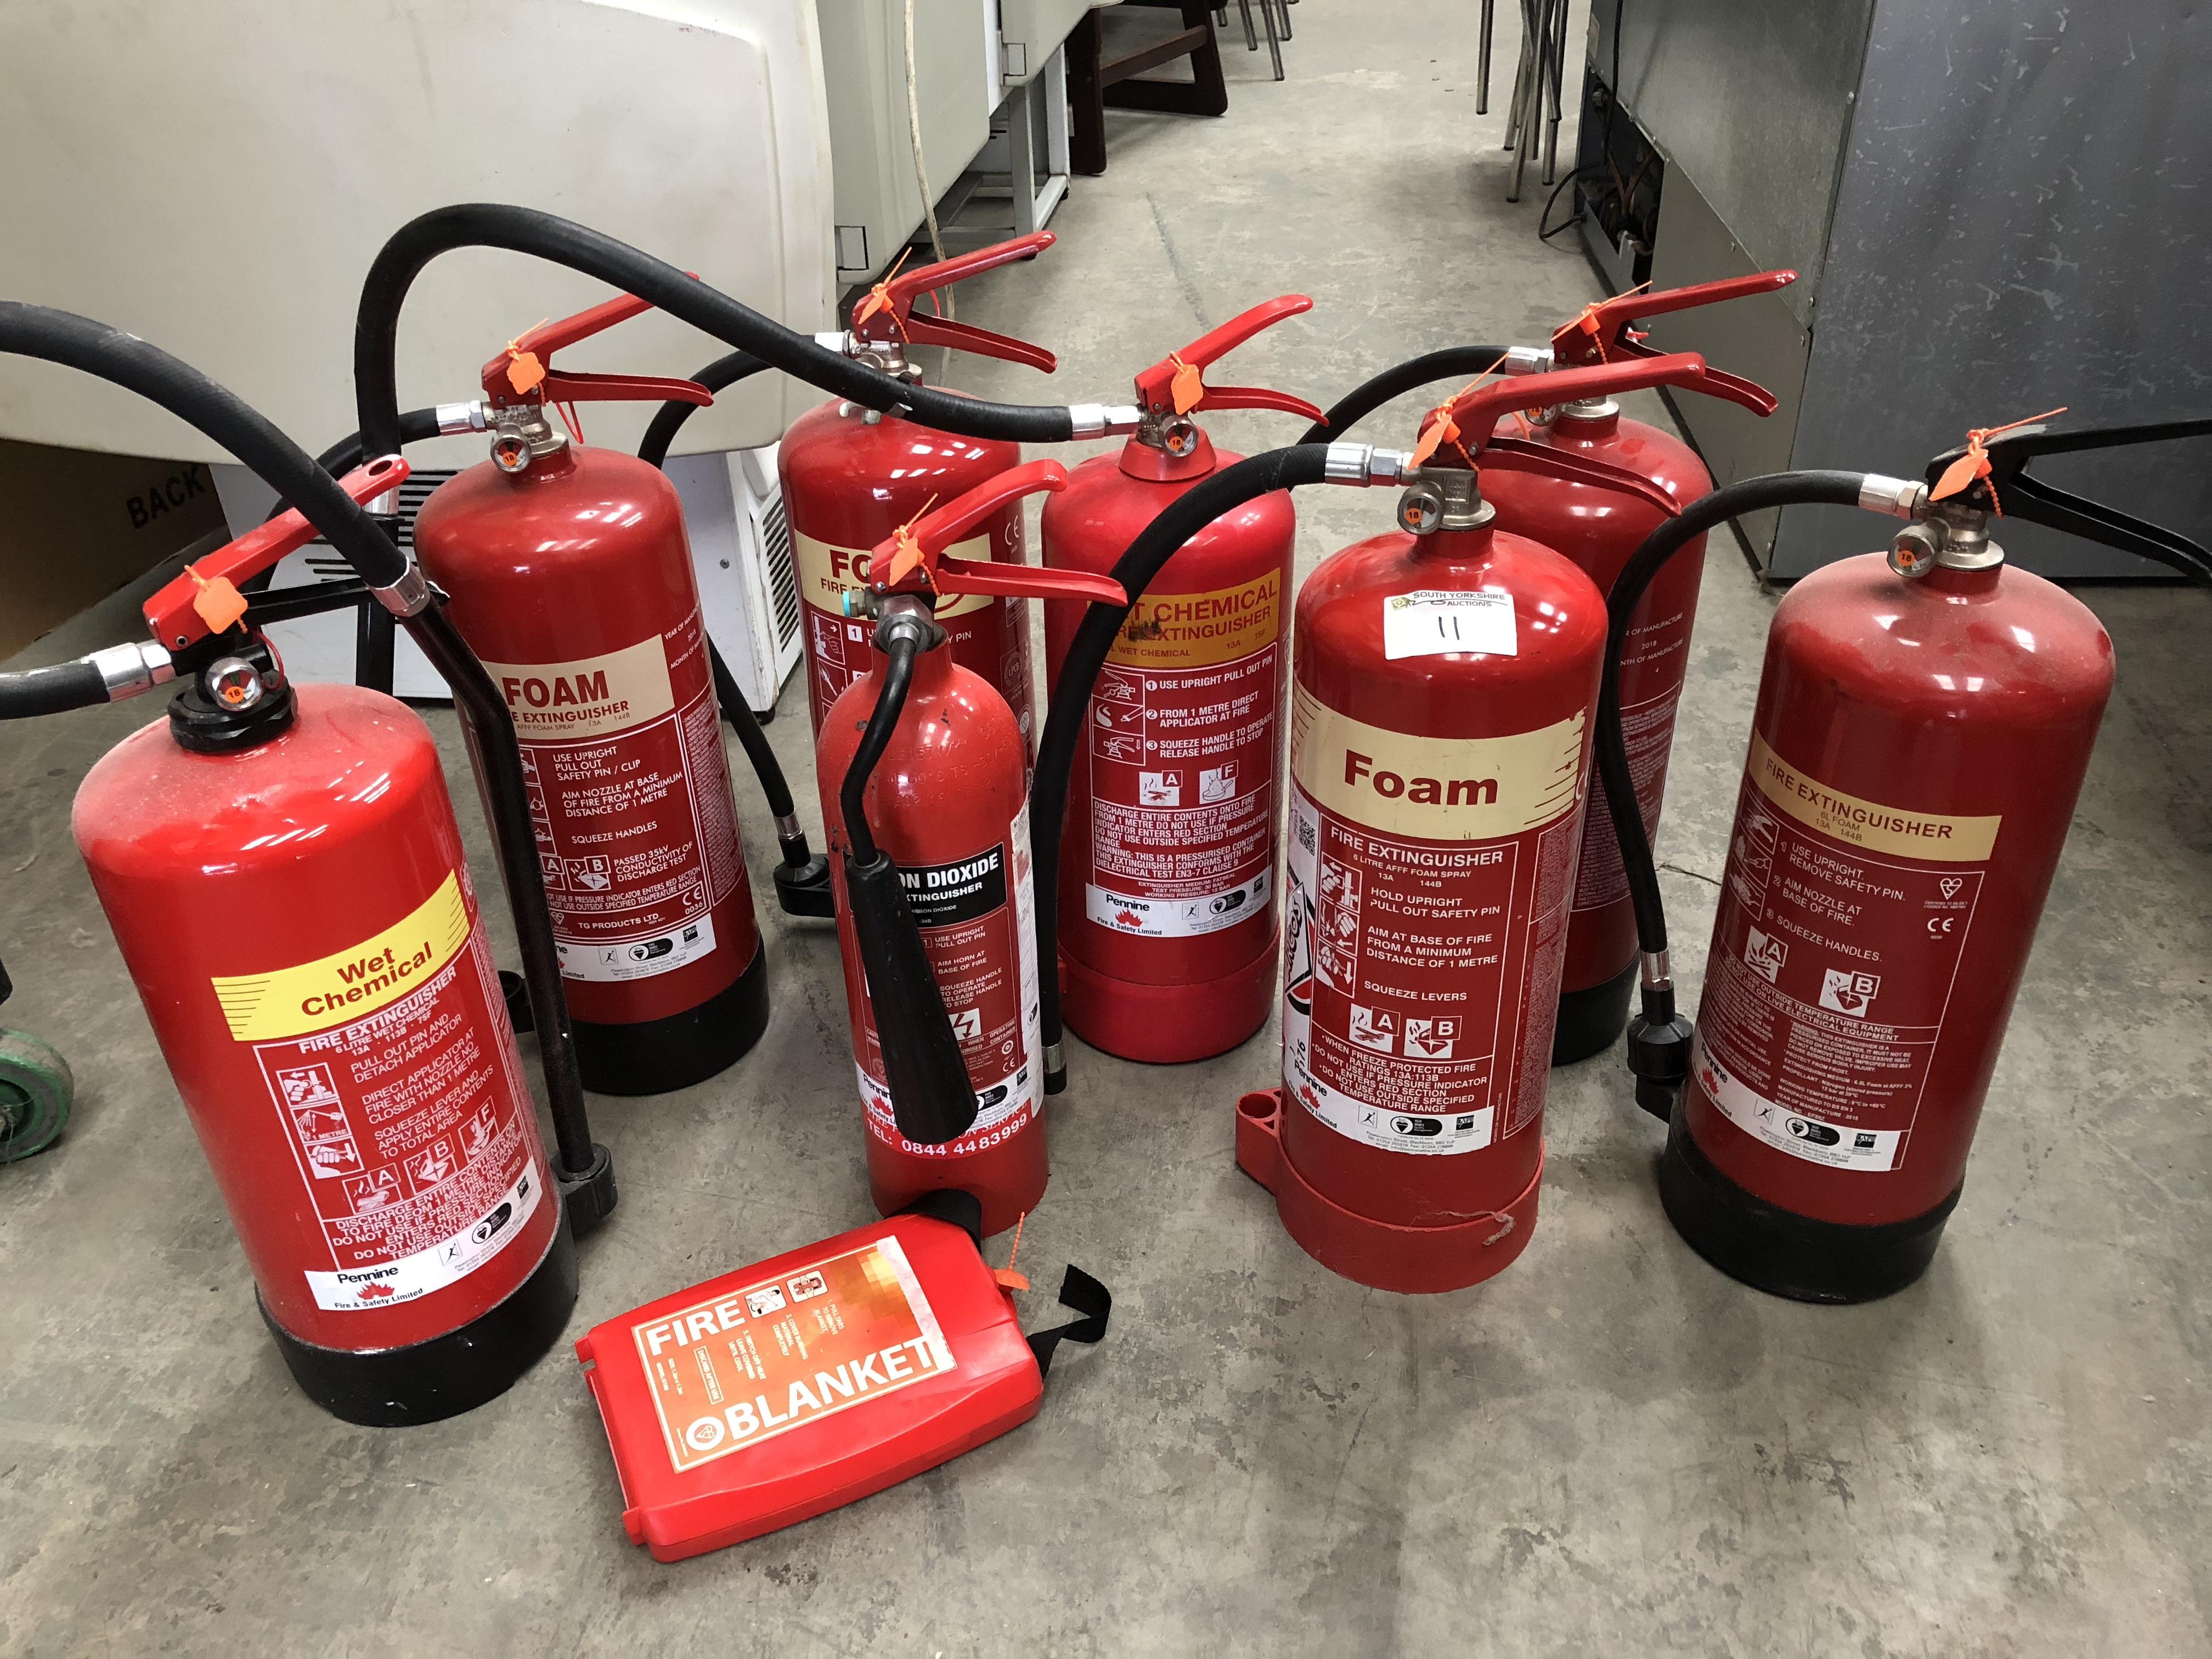 Lot 11 - 8 x Fire Extinguishers